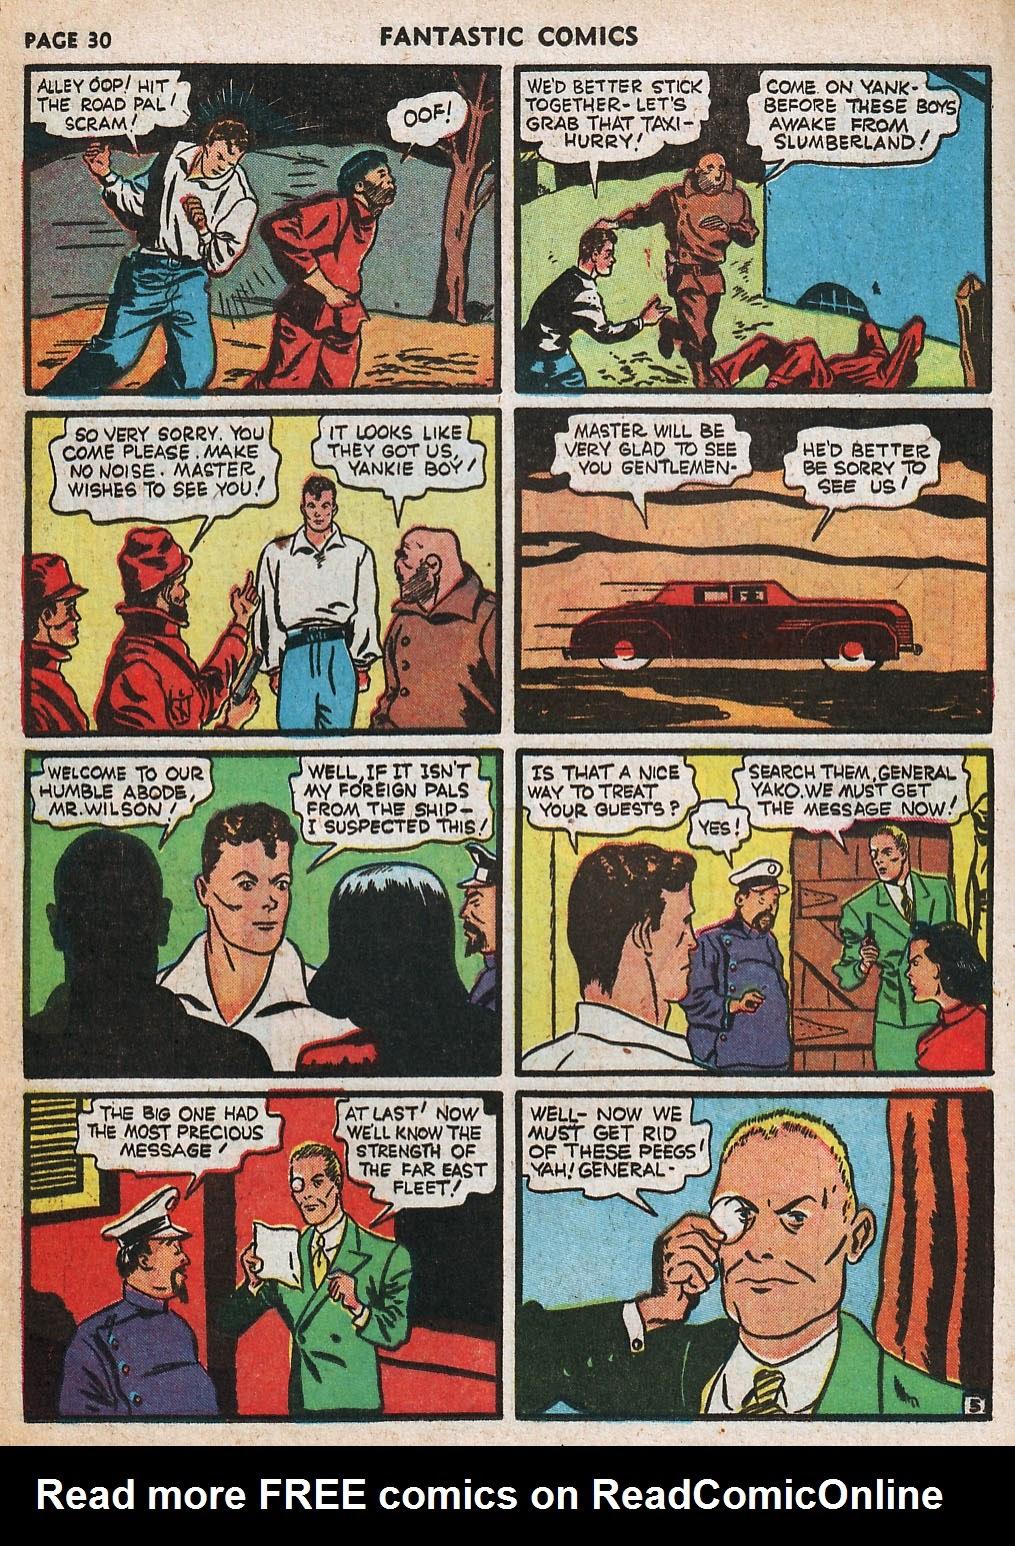 Read online Fantastic Comics comic -  Issue #20 - 31